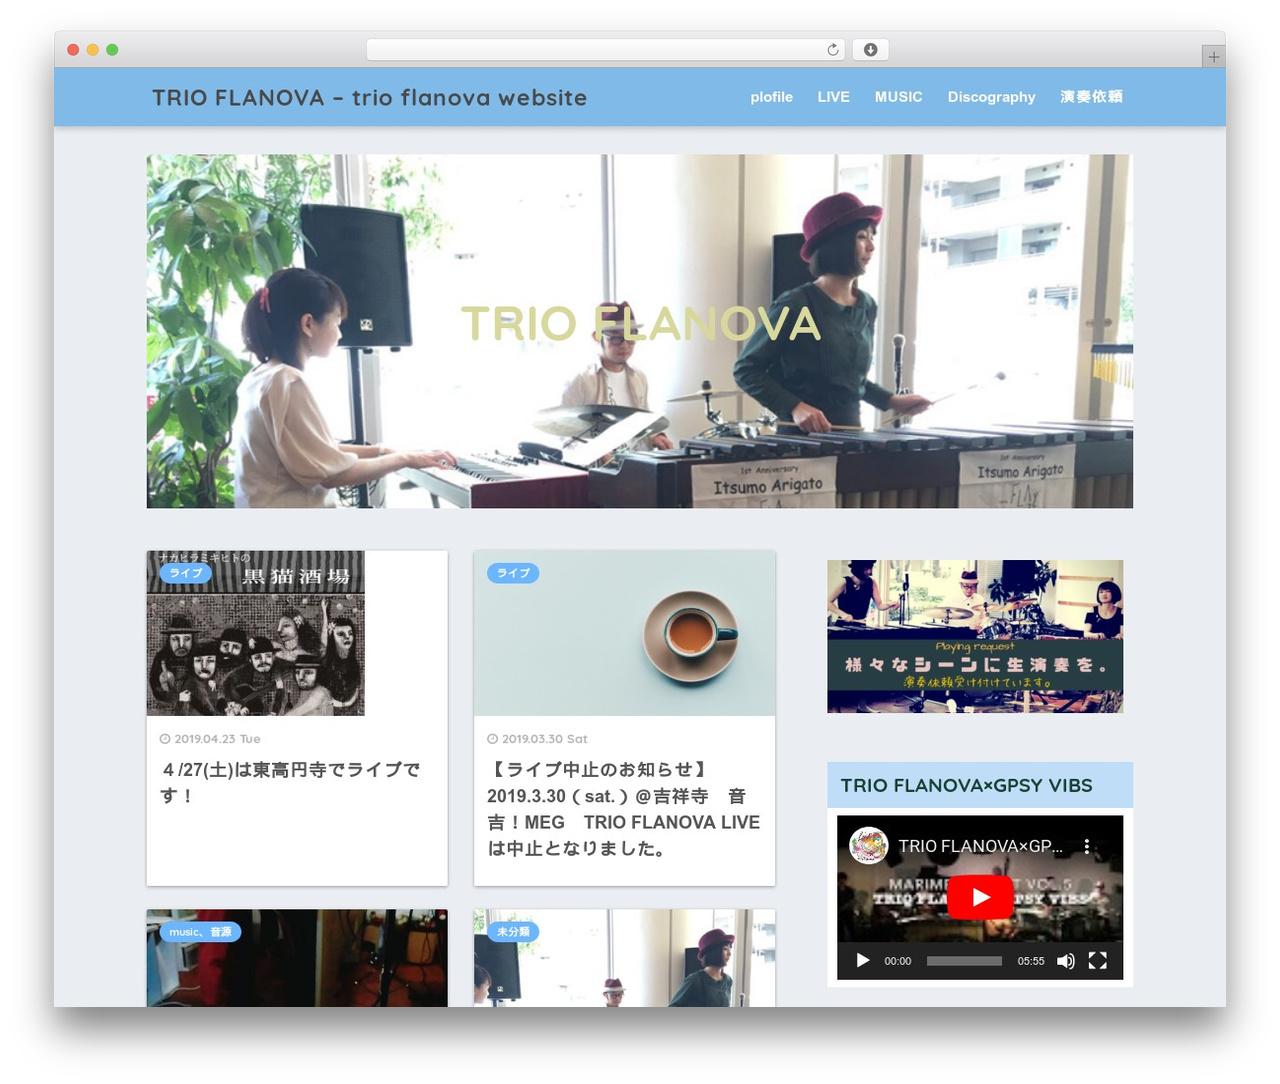 WordPress theme SANGO - trioflanova.com